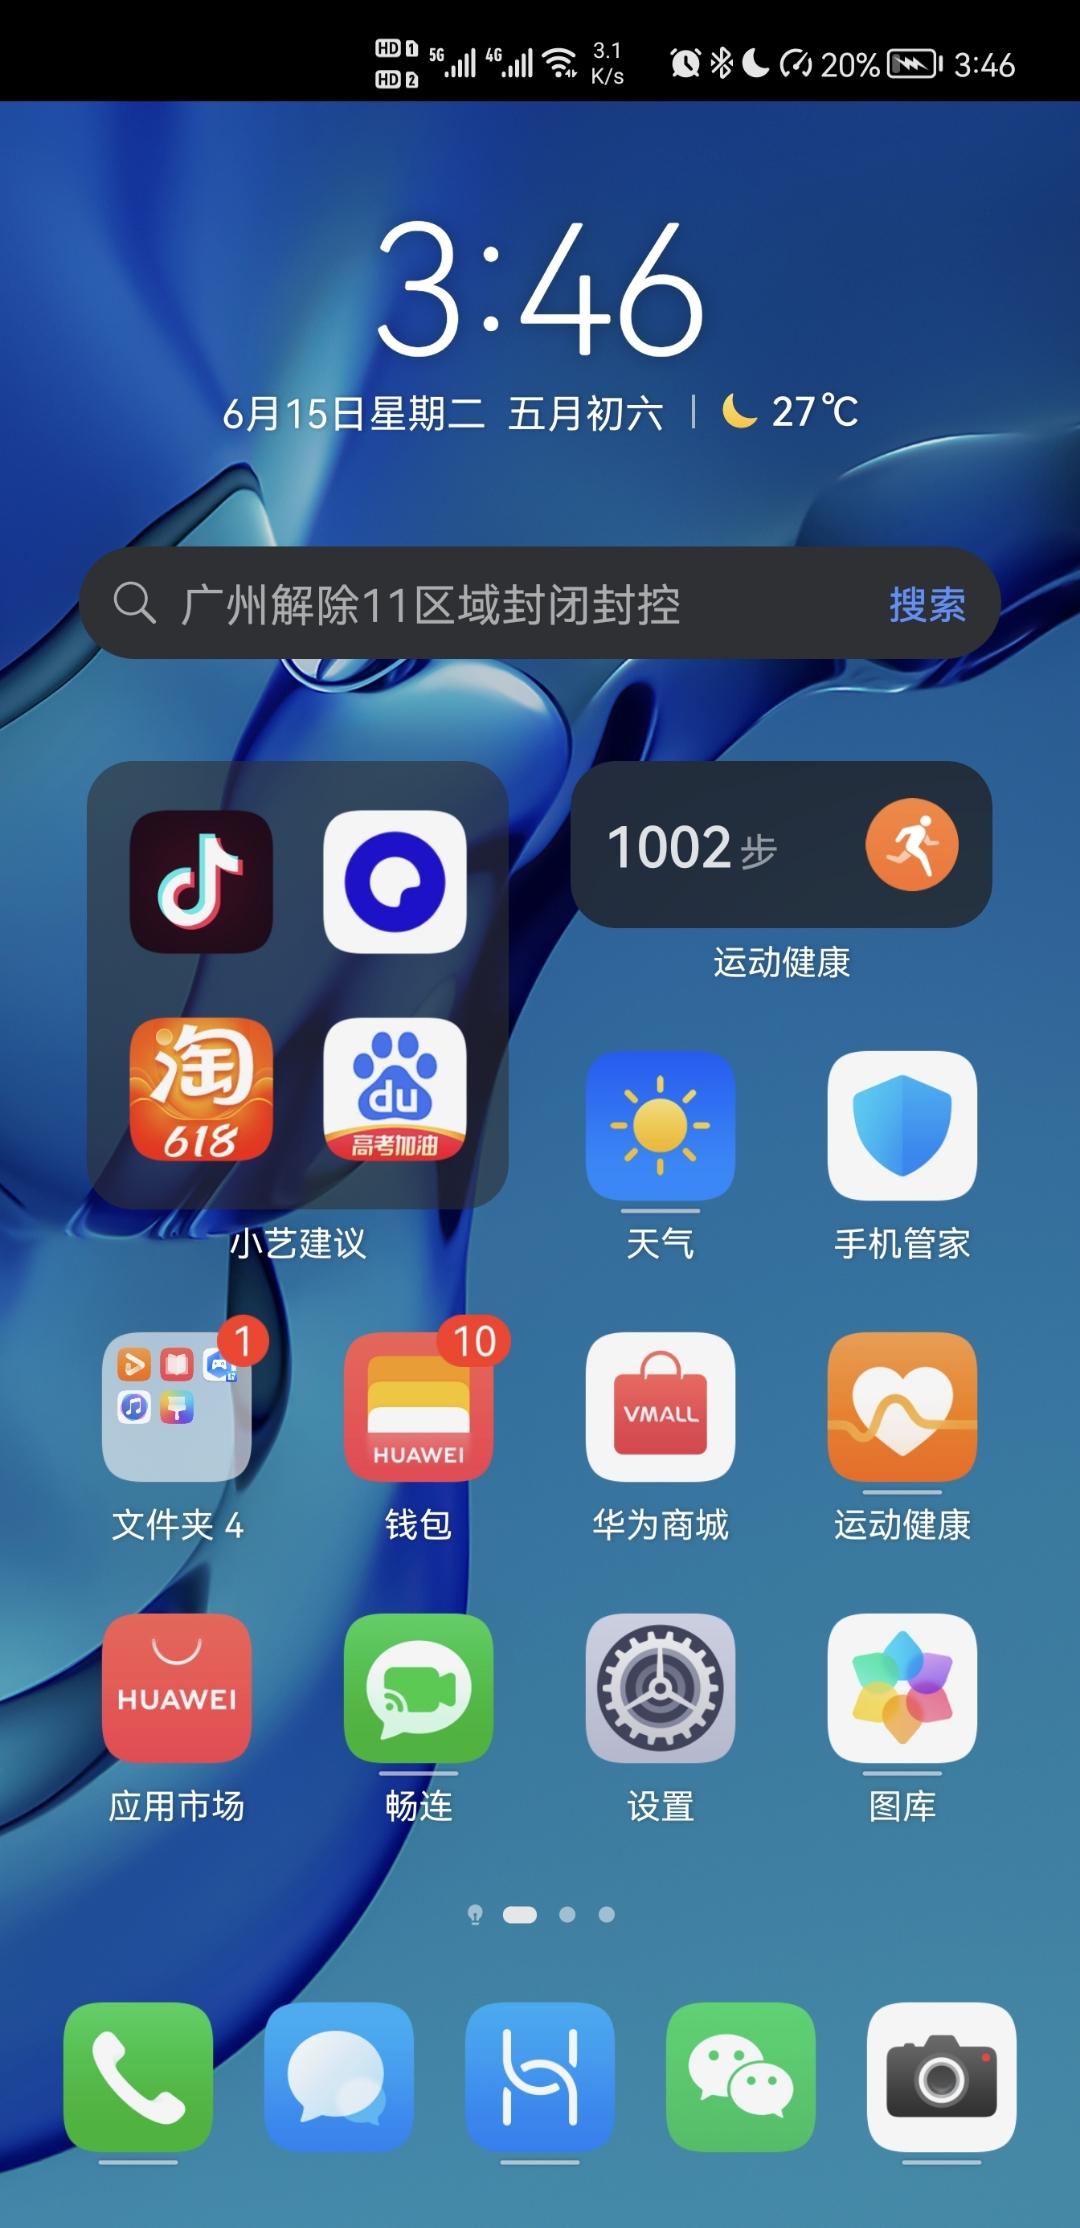 Screenshot_20210615_034622_com.huawei.android.launcher.jpg